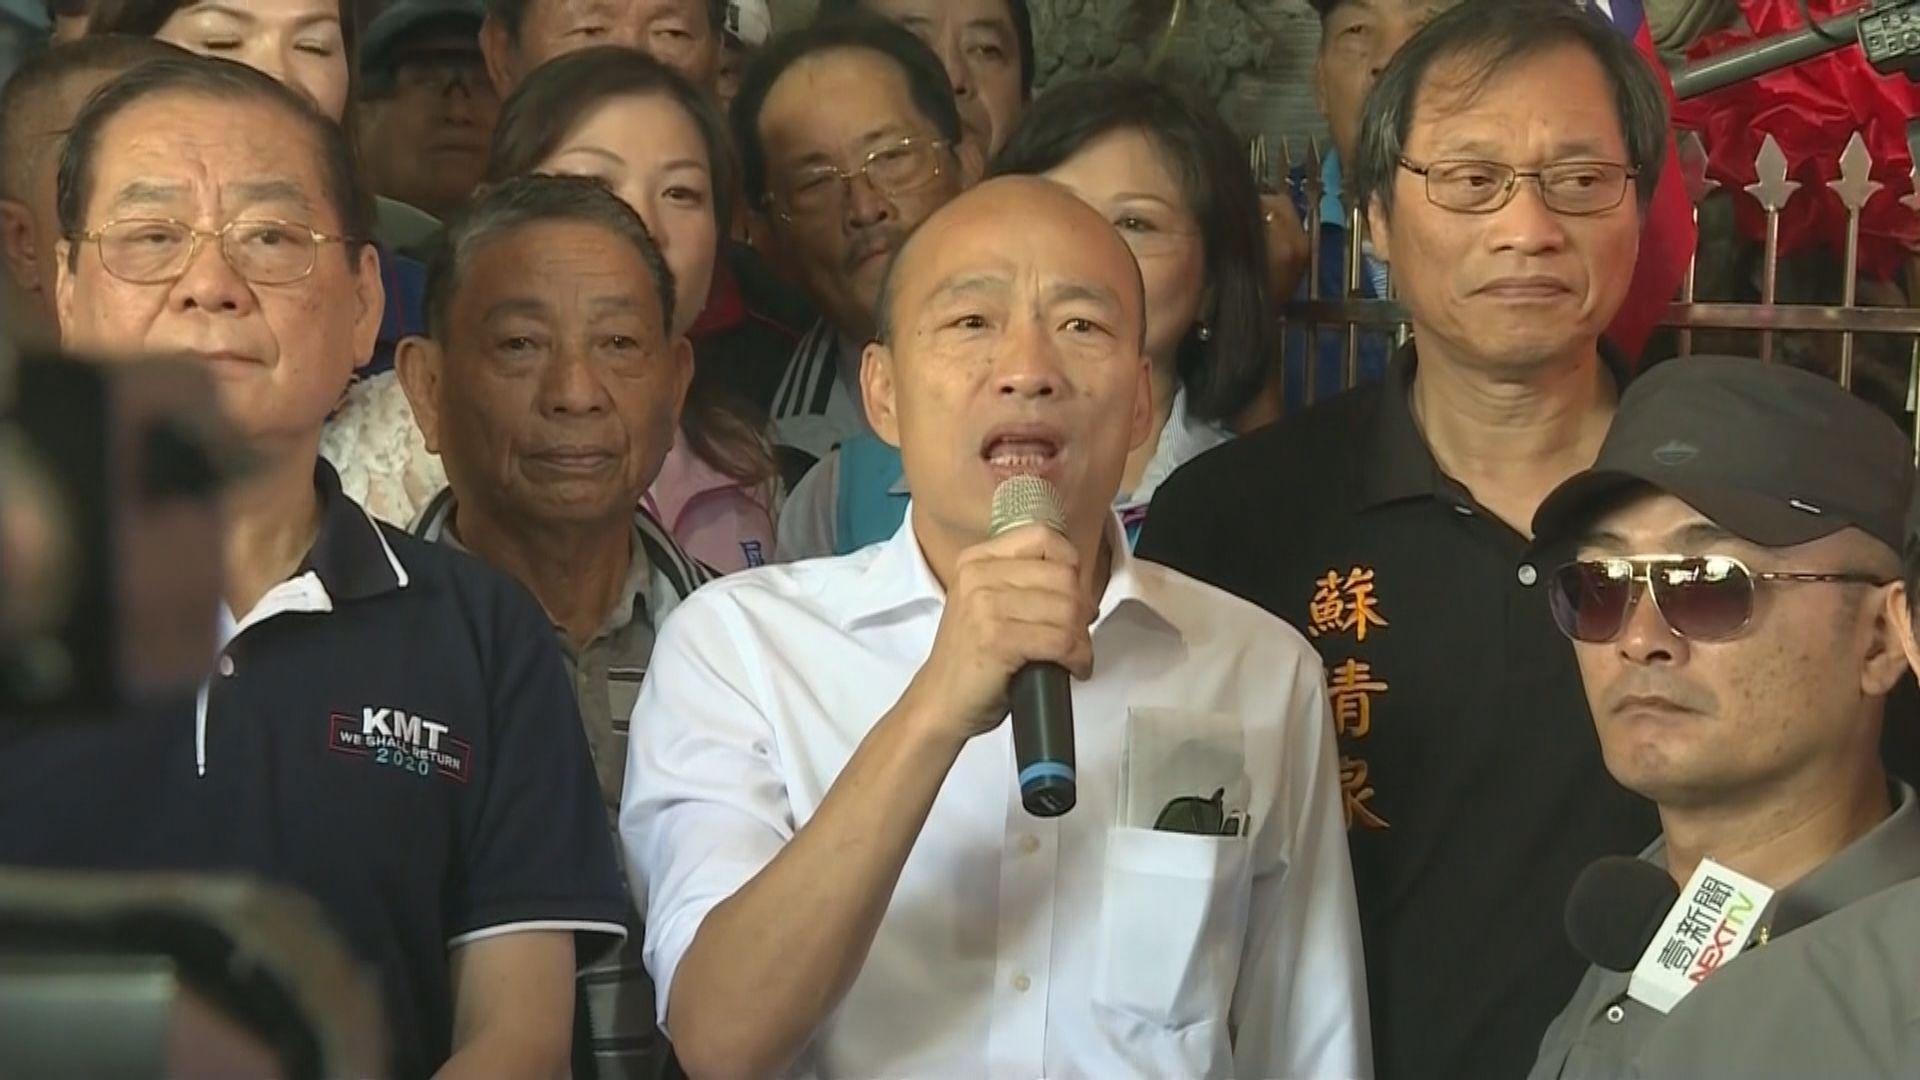 韓國瑜請假投入大選惹批評